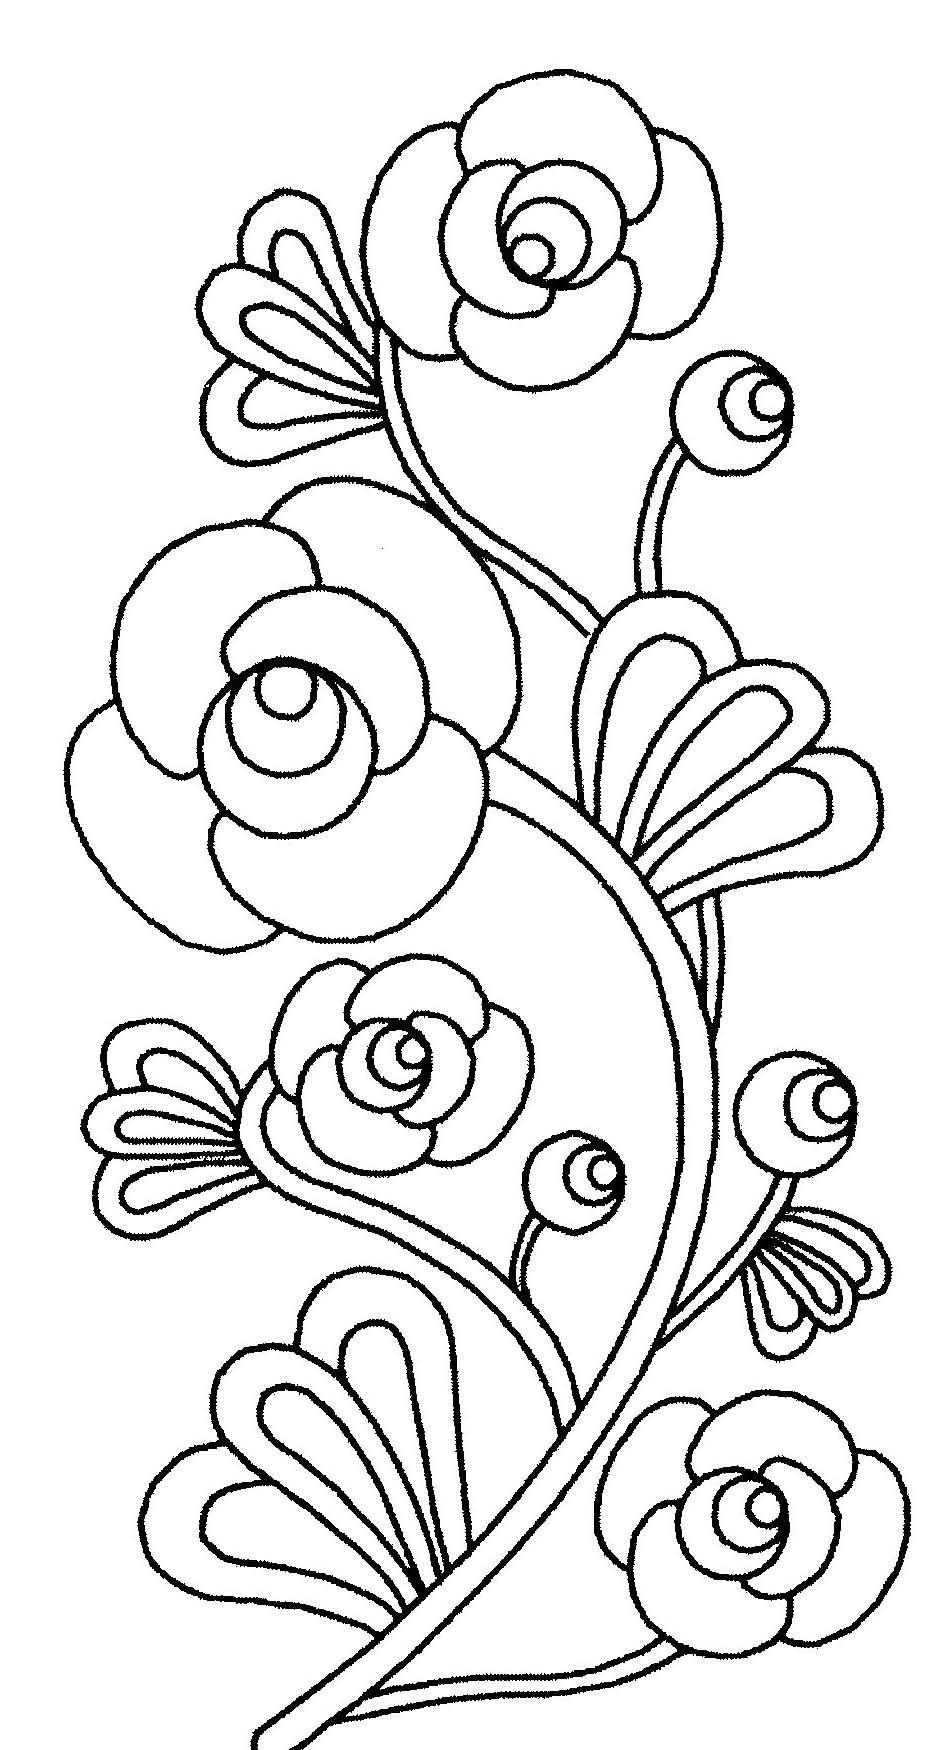 Image De Fleurs À Imprimer Et Colorier - Coloriage De Fleurs encequiconcerne Dessin A Colorier De Fleur